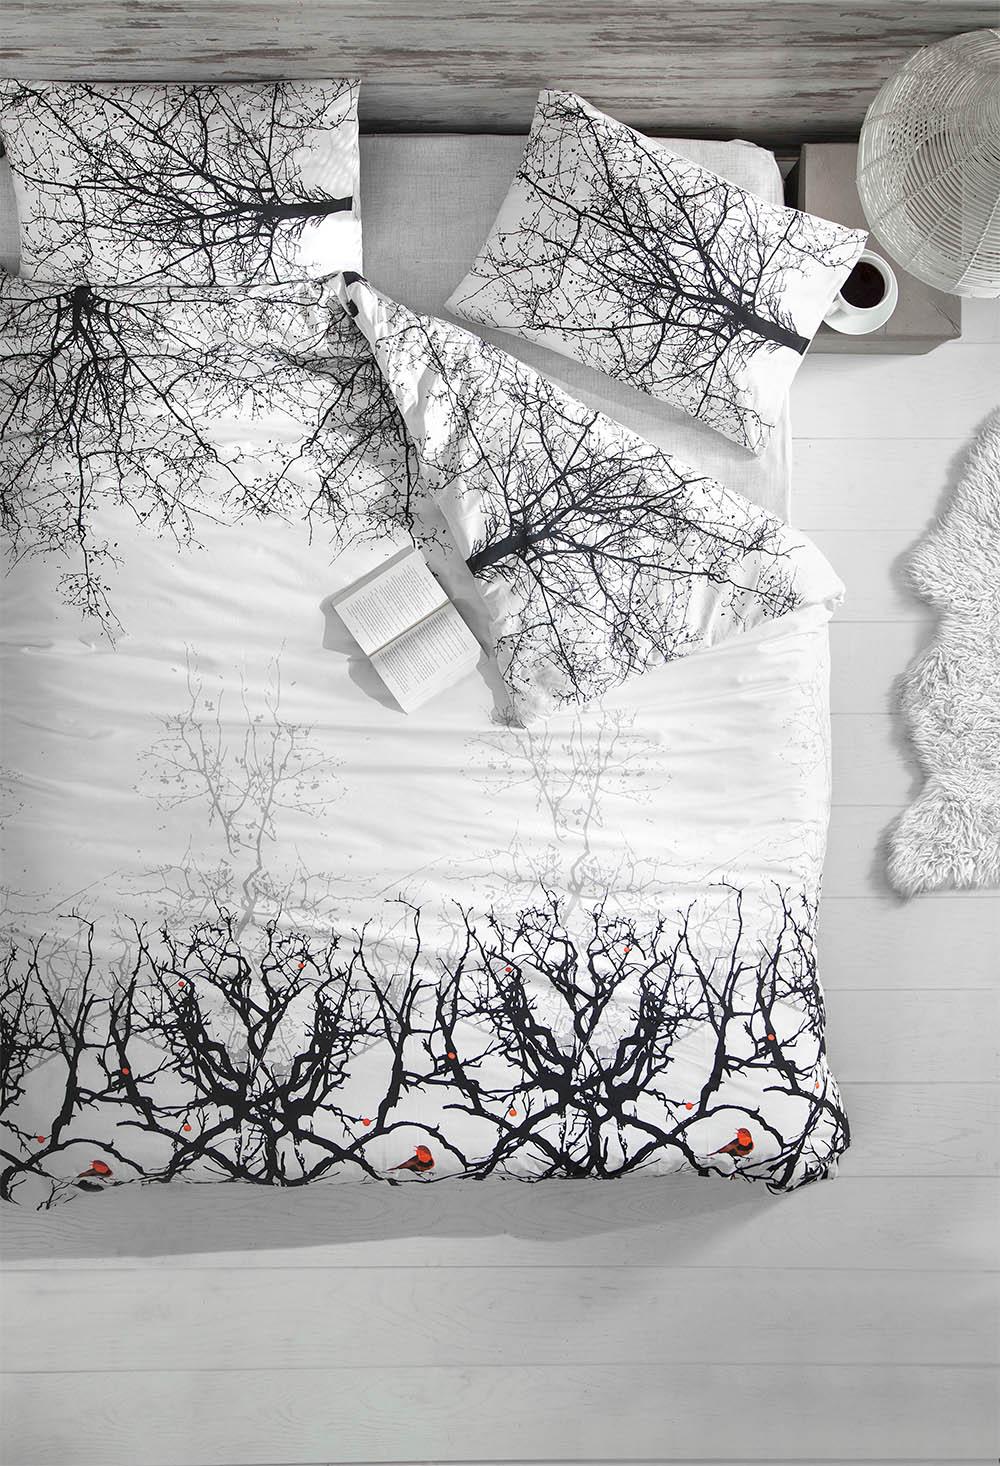 Комплекты постельного белья Altinbasak, Постельное белье Pio (2 сп. евро), Турция, Черно-белый, Бязь  - Купить